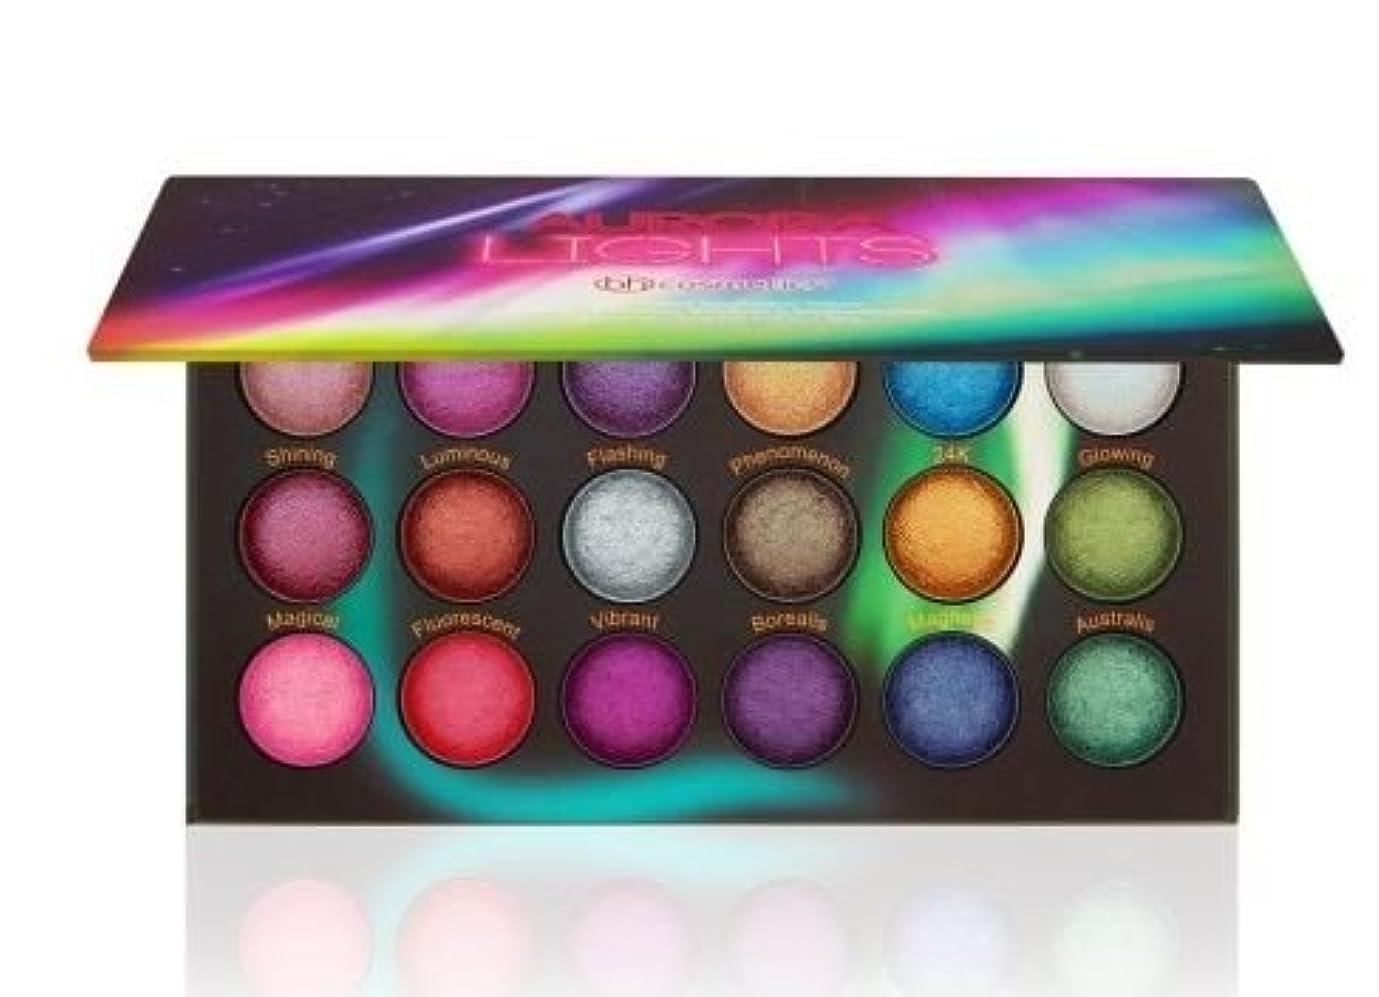 ランドリー読み書きのできない妥協BH Cosmetics Aurora Lights - 18 Color Baked Eyeshadow Palette